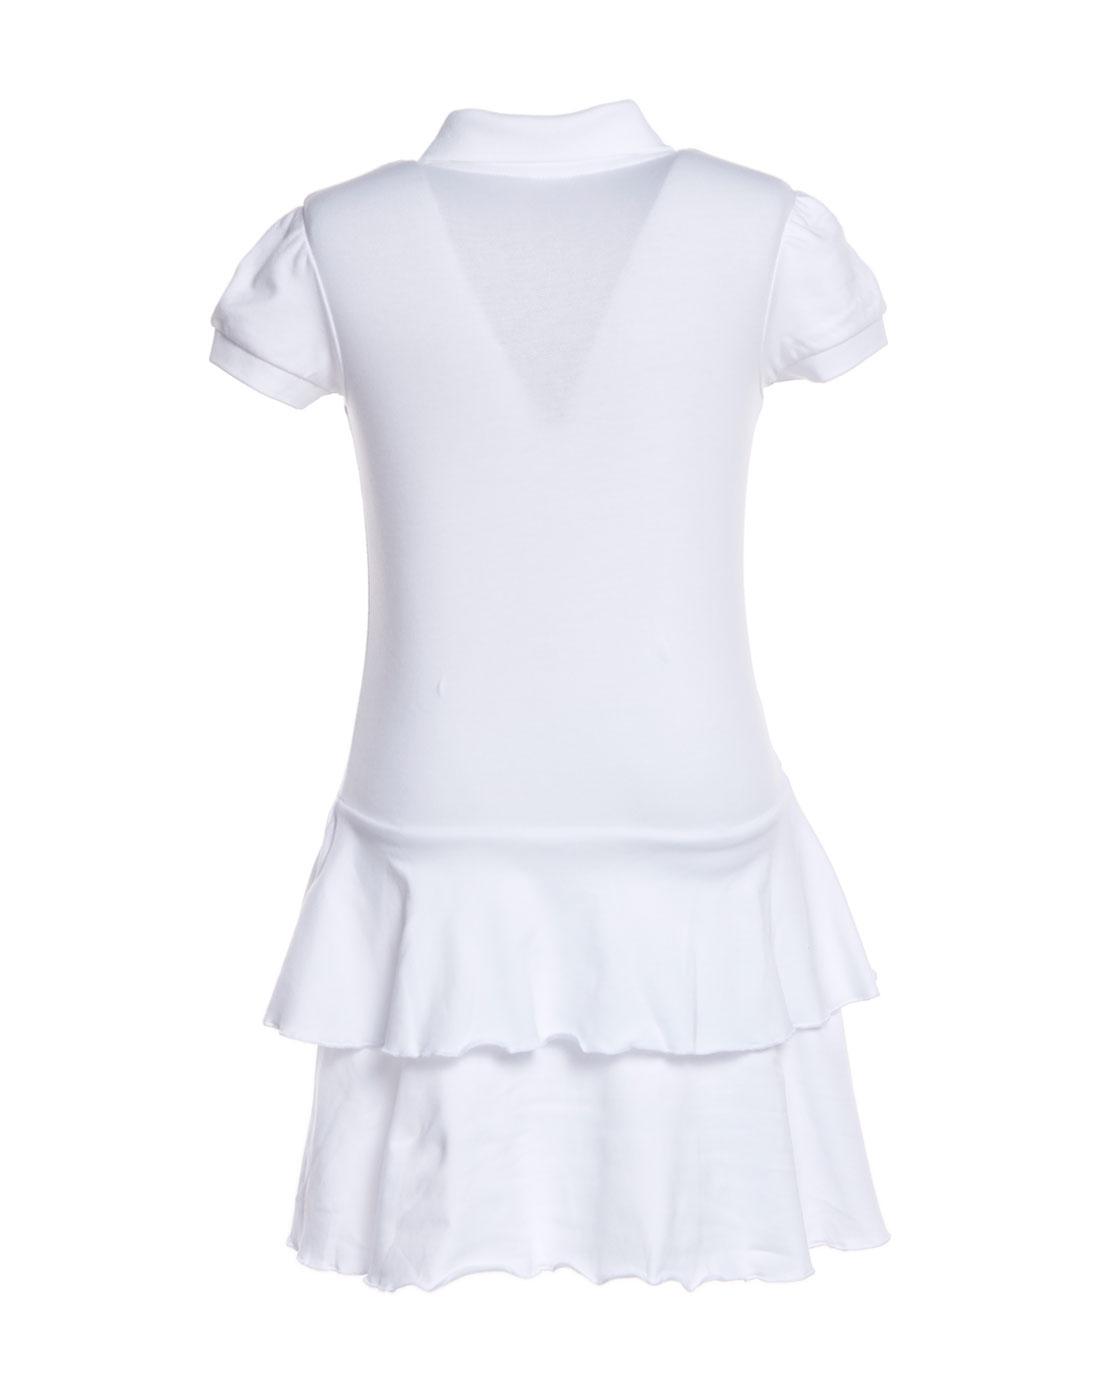 r100童装女童白色短袖连身裙